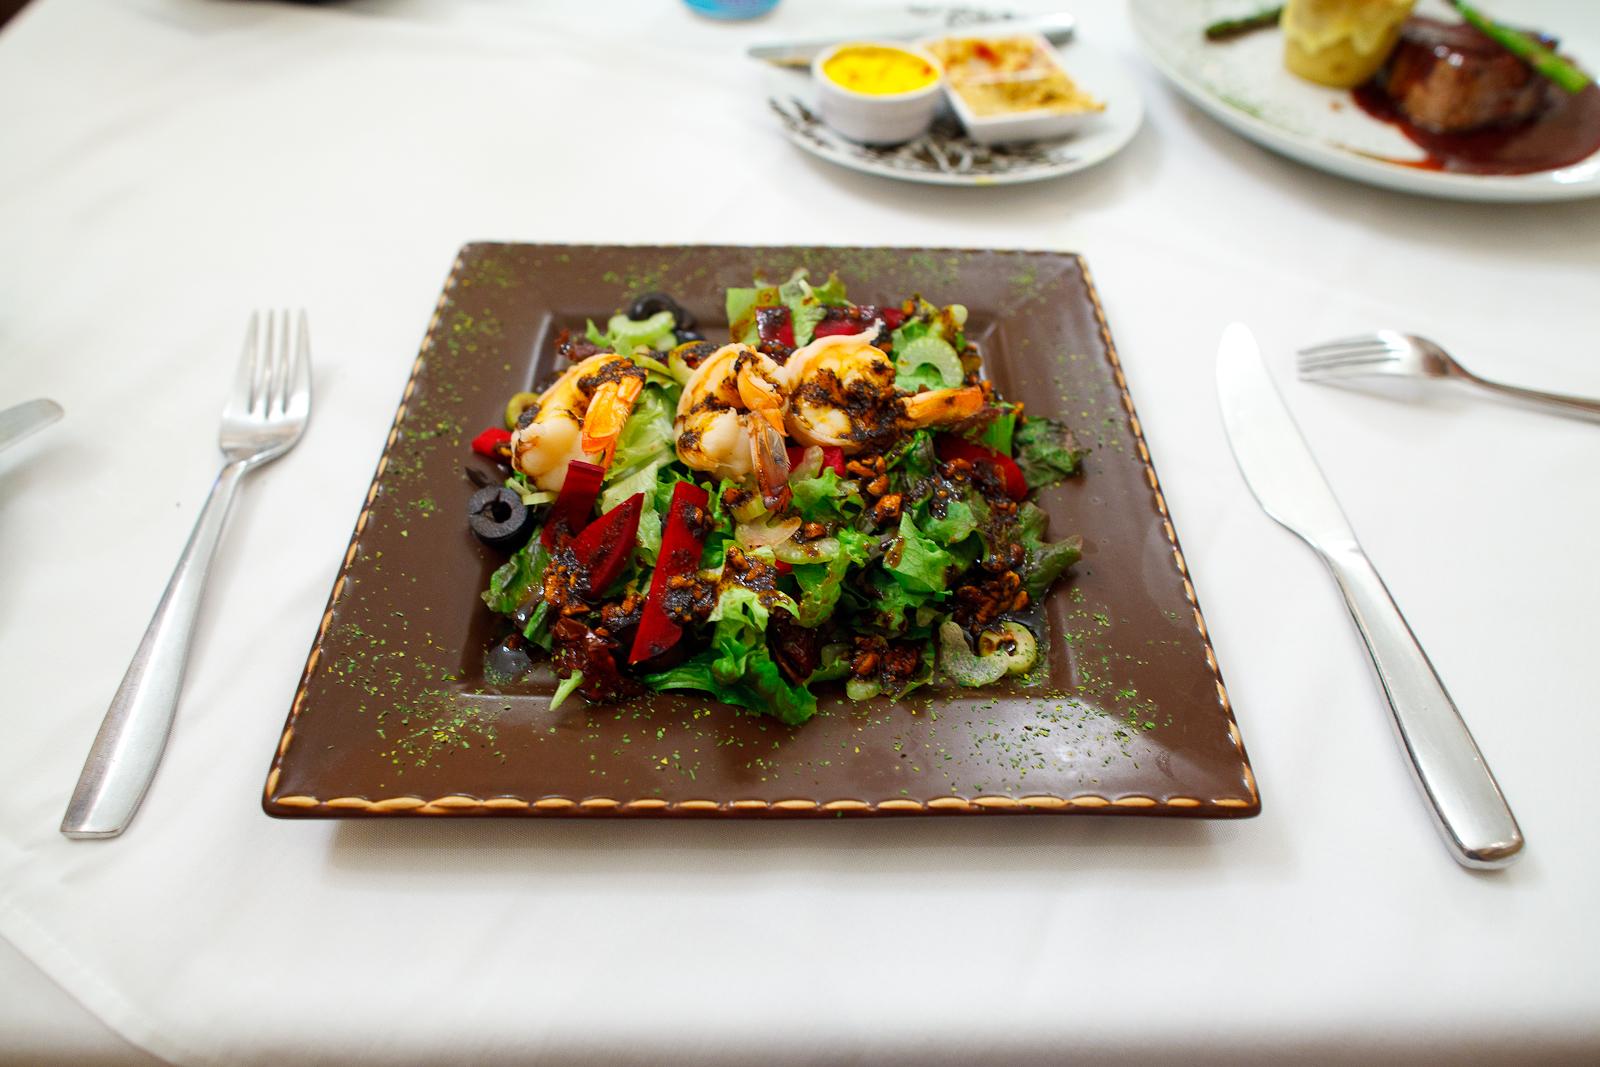 Ensalada trió de camarón - mezcla lechugas, jitomate, apio, aceituna, betabel en vinagreta de cacahuate y pasilla (shrimp salad with mixed greens, tomato, celery, tuna, beets in peanut vinagrette)